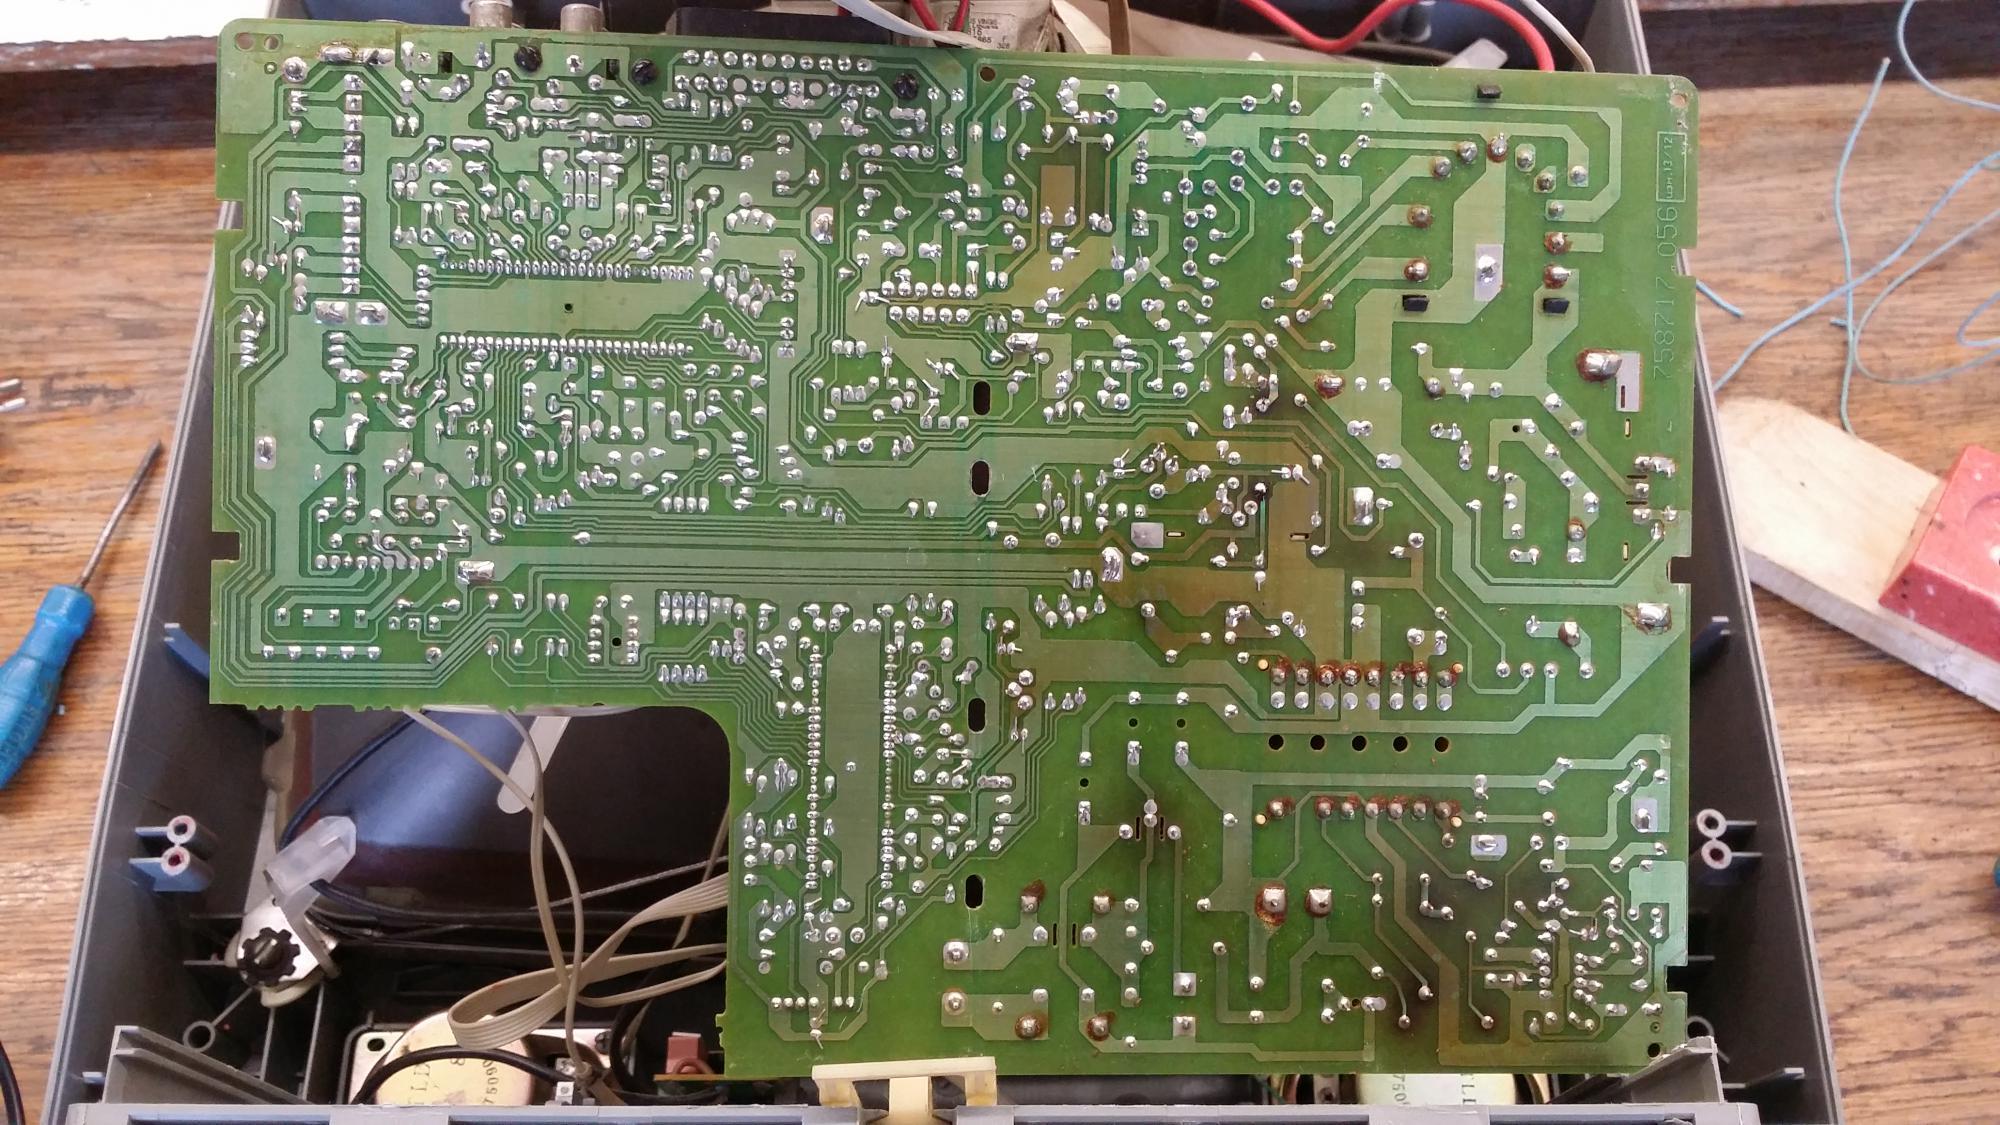 Микросхема кадровой развертки телевизора фото 251